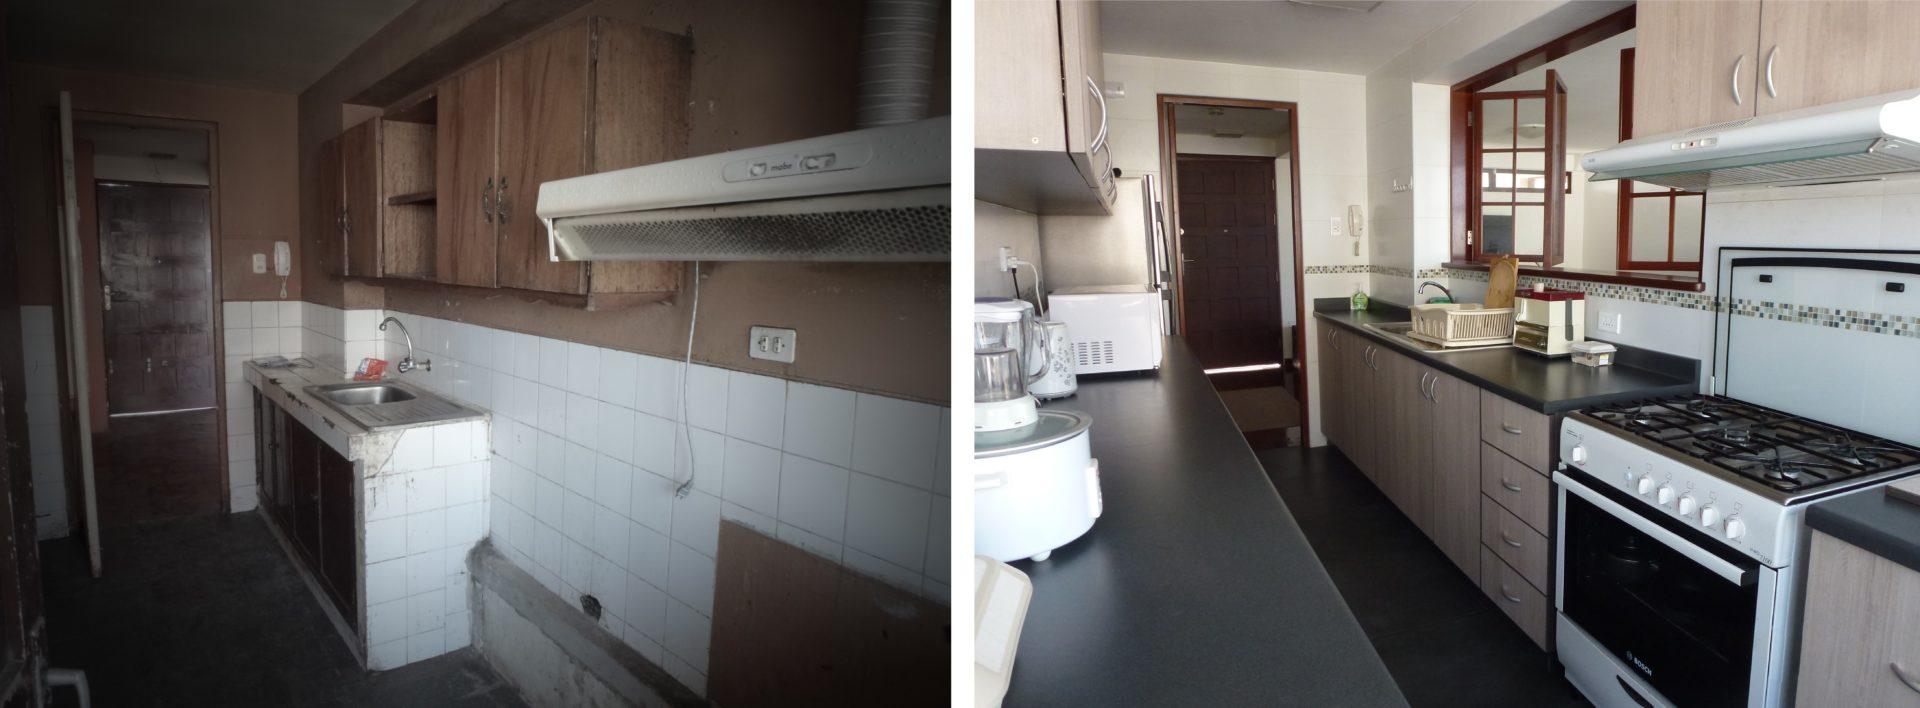 Quiero renovar mi cocina urvit servicios integrales for Quiero disenar mi cocina